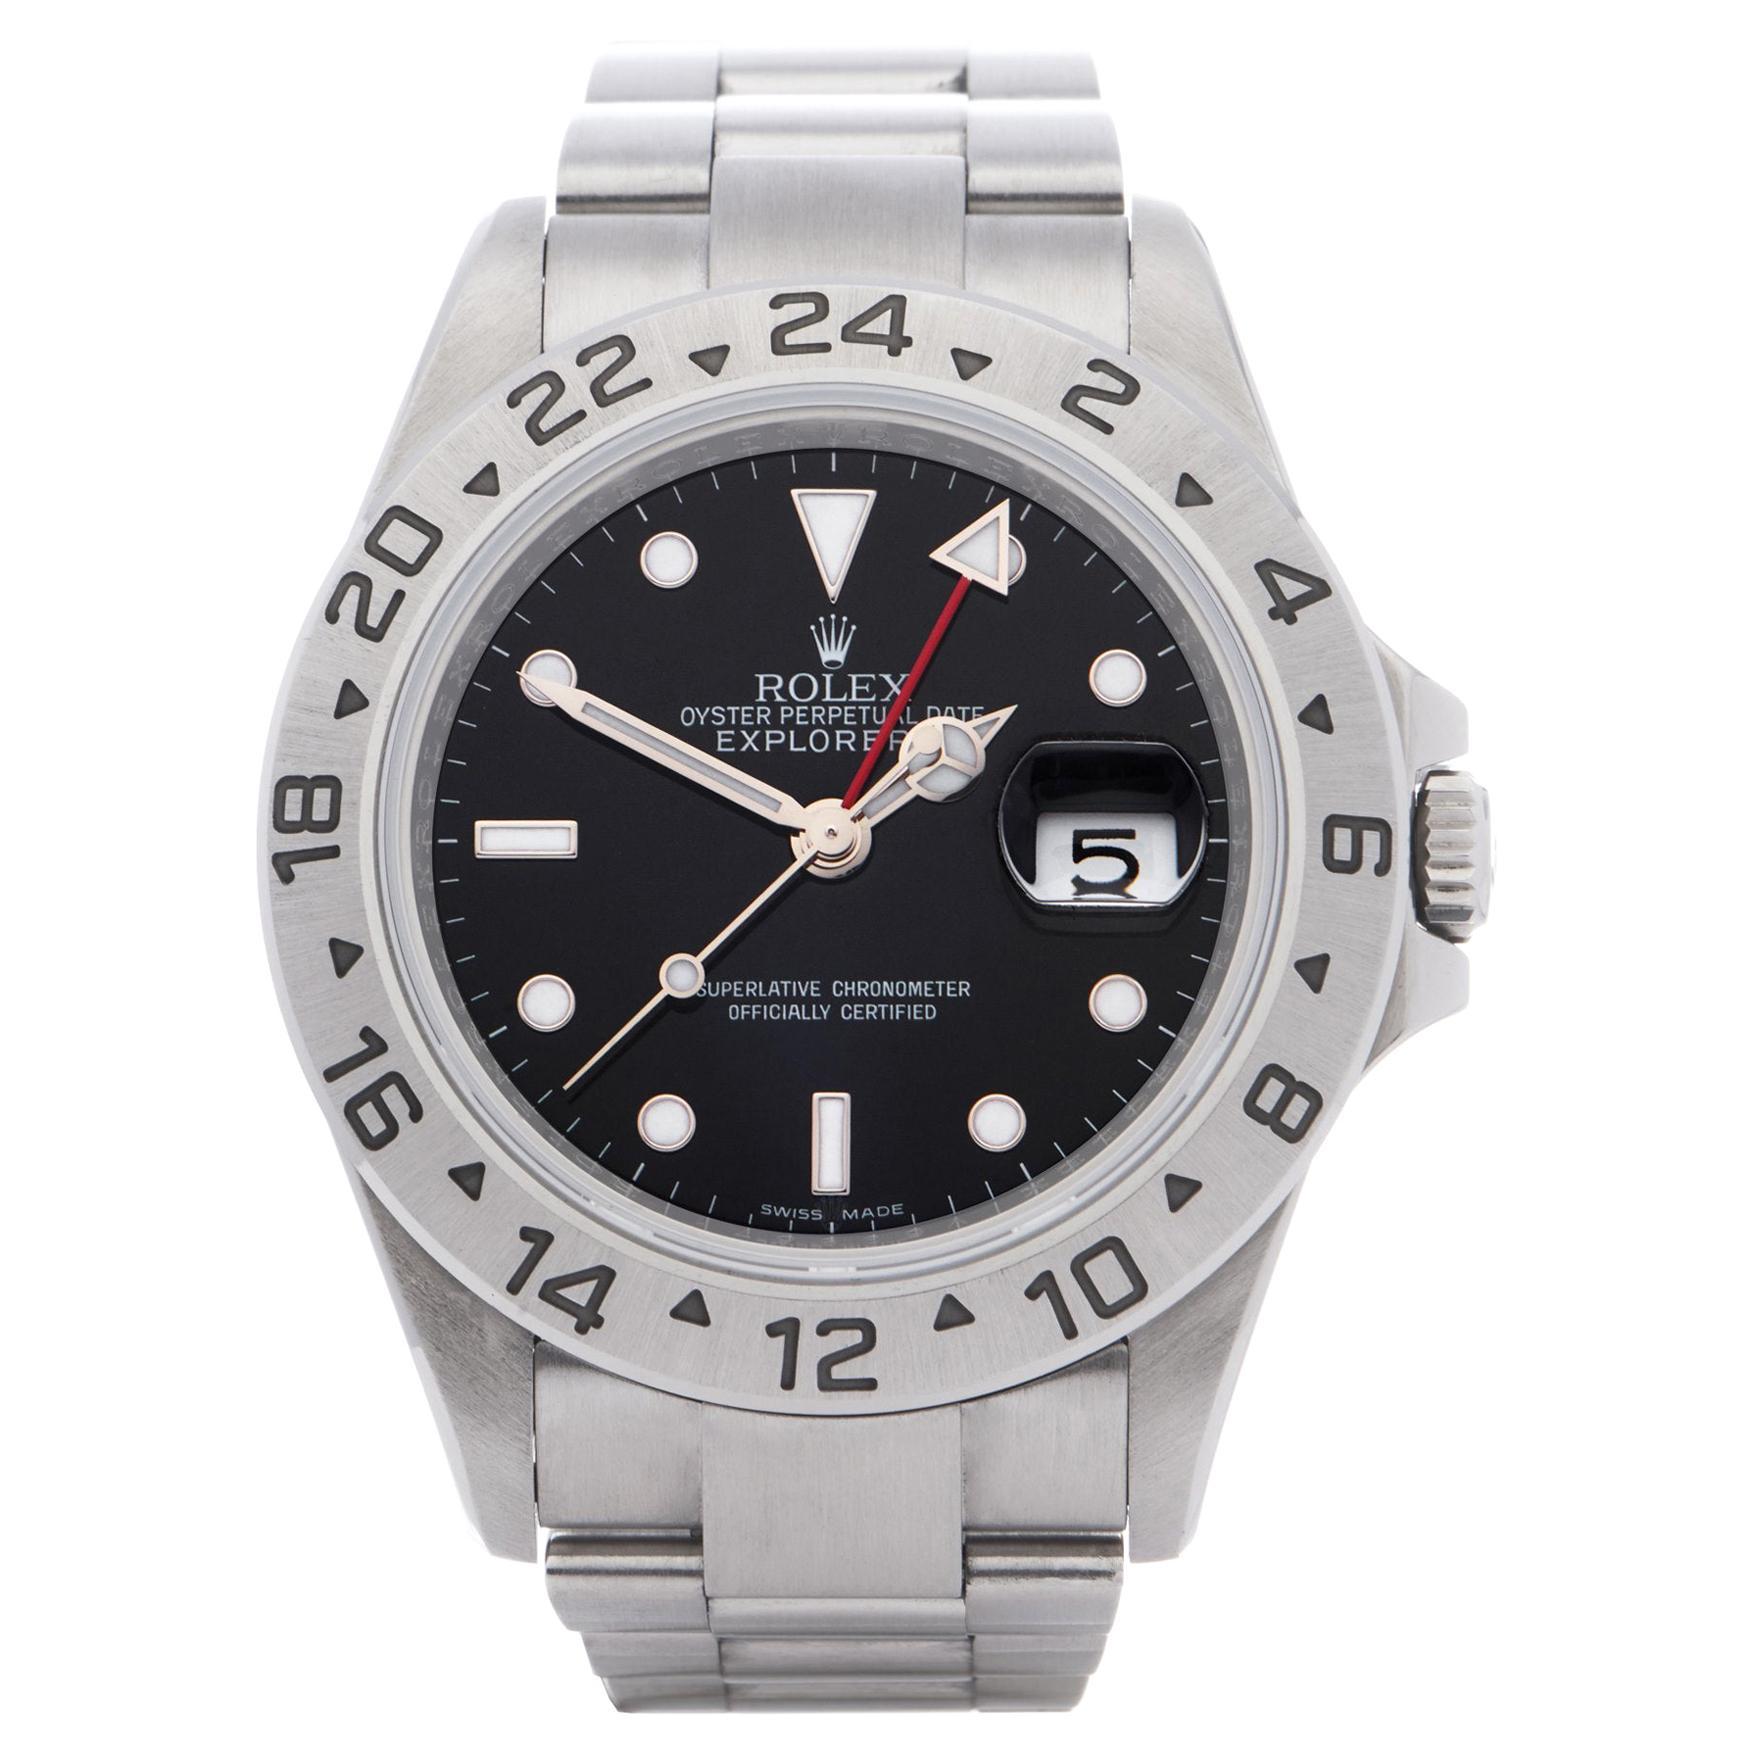 Rolex Explorer II 0 16570 Men Stainless Steel 0 Watch